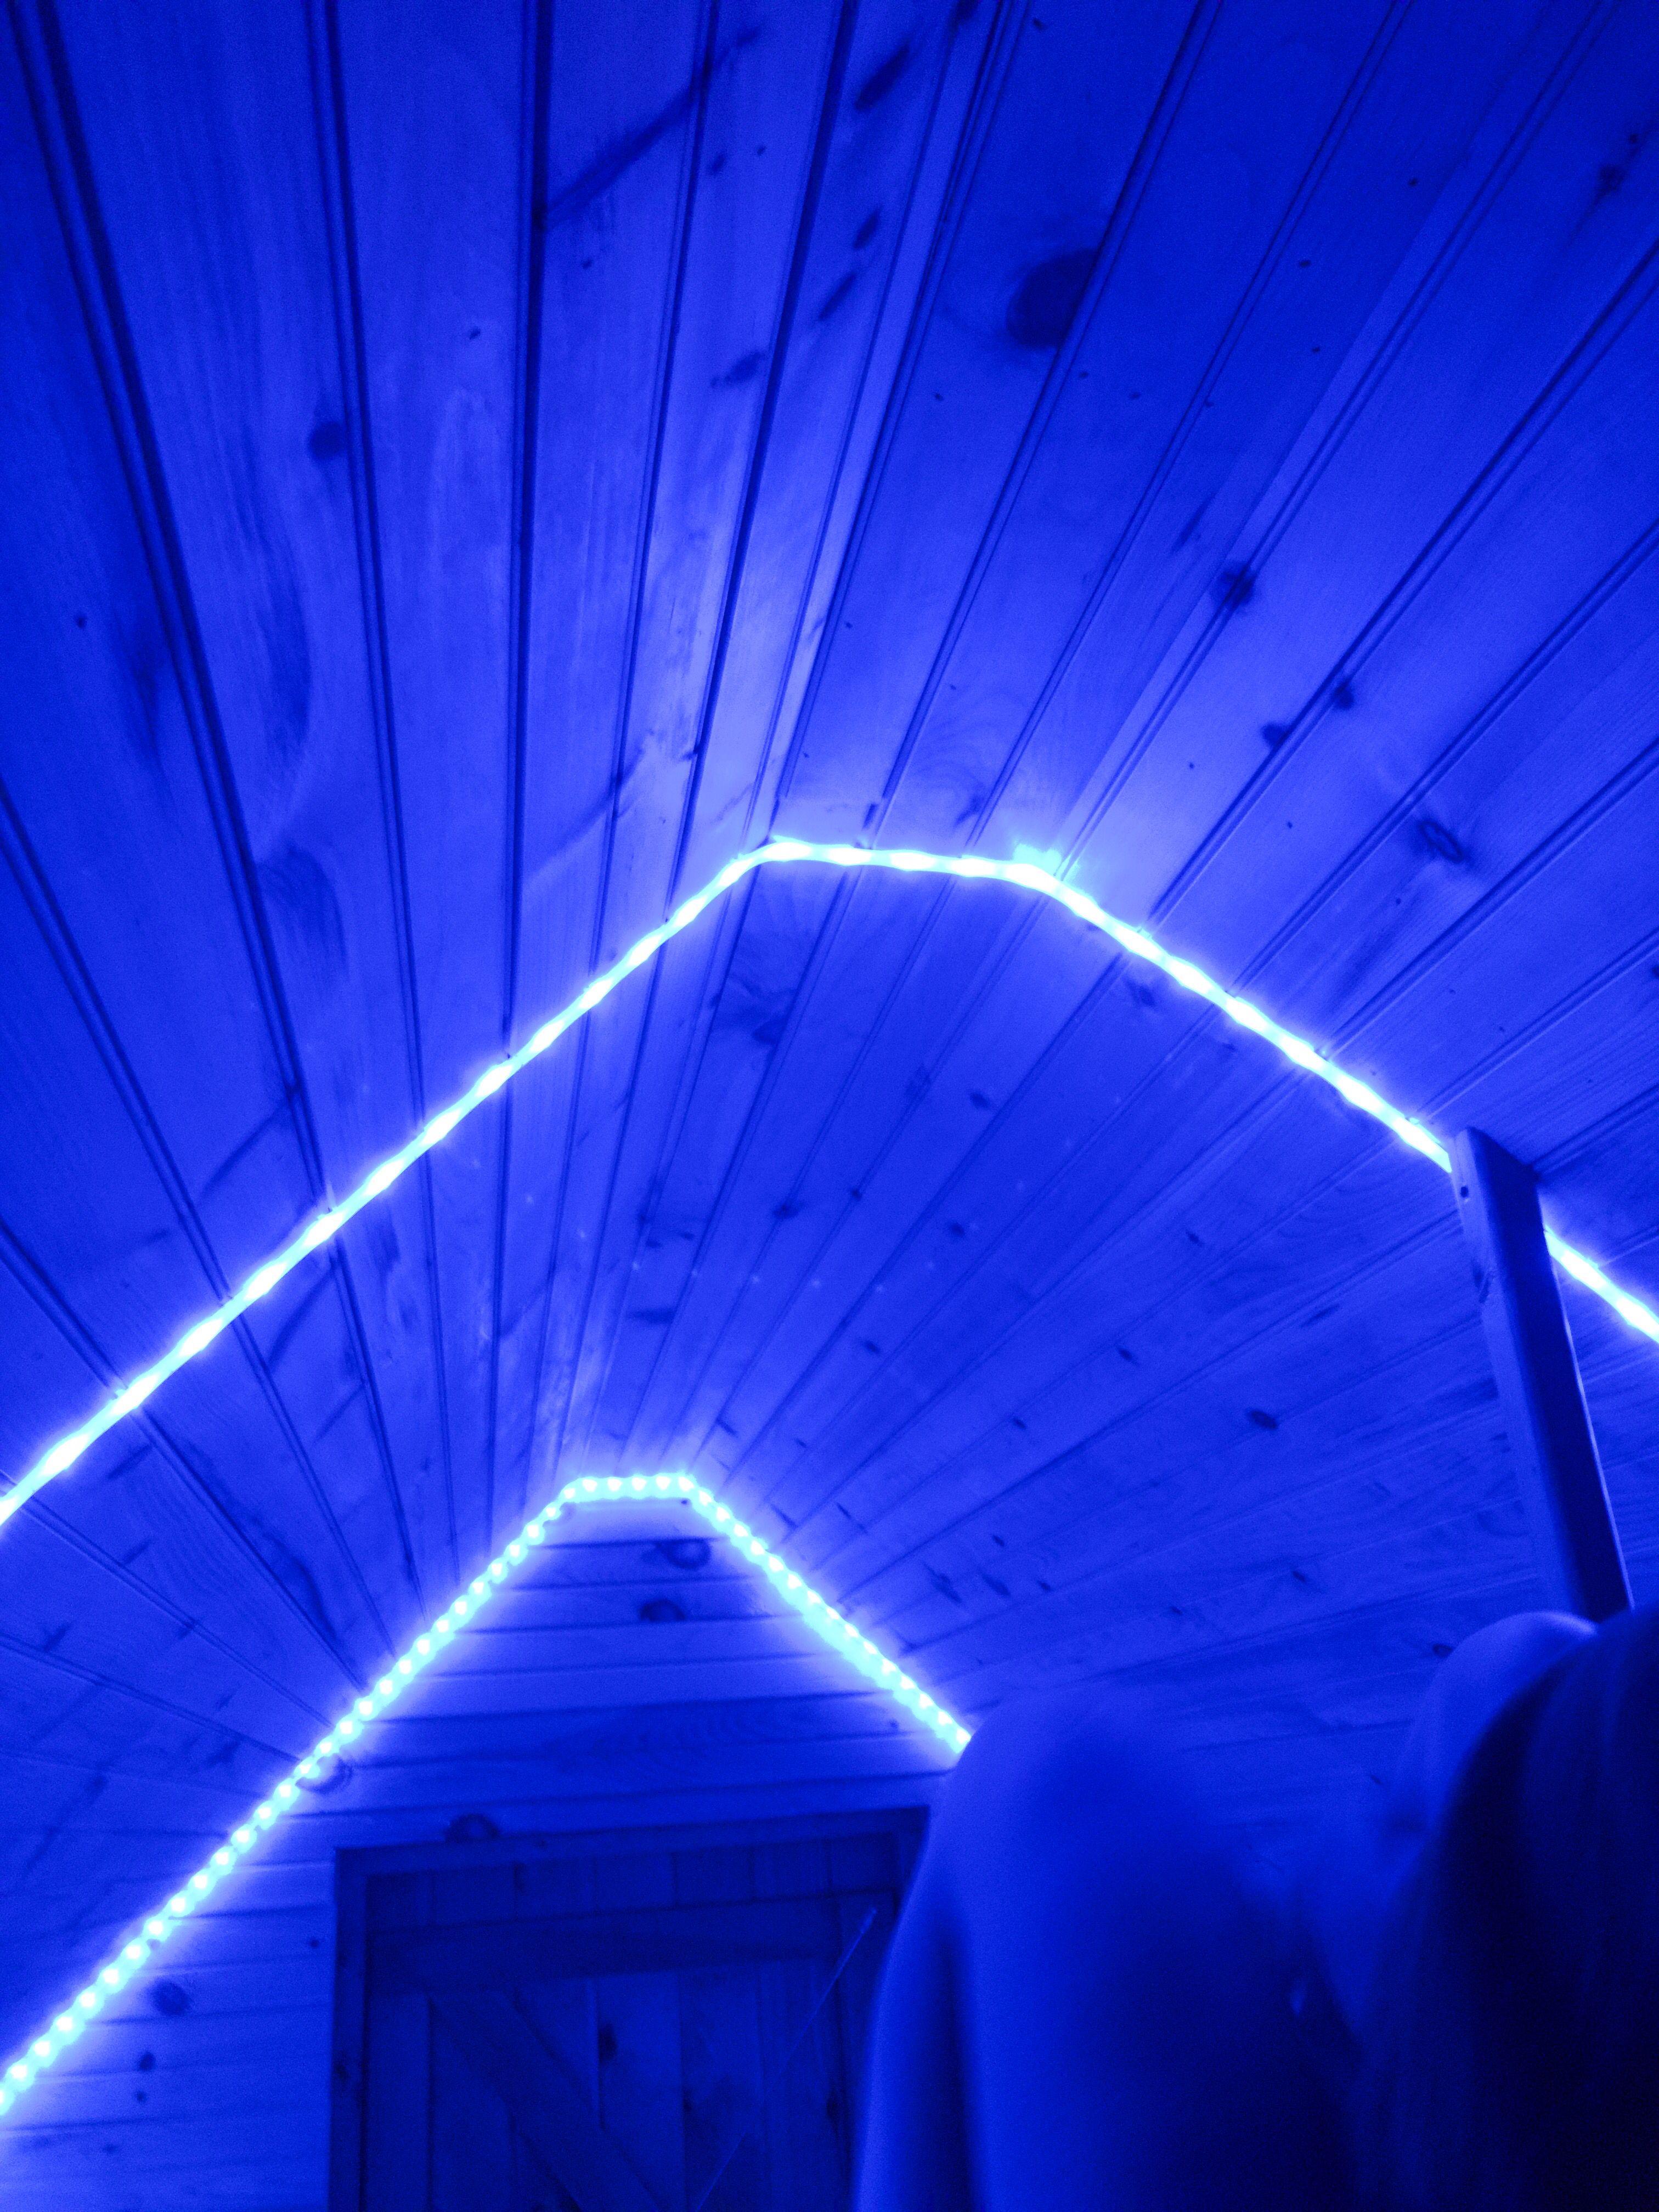 Led Lights In Room Ledlights Diy Roomdecor Decoration